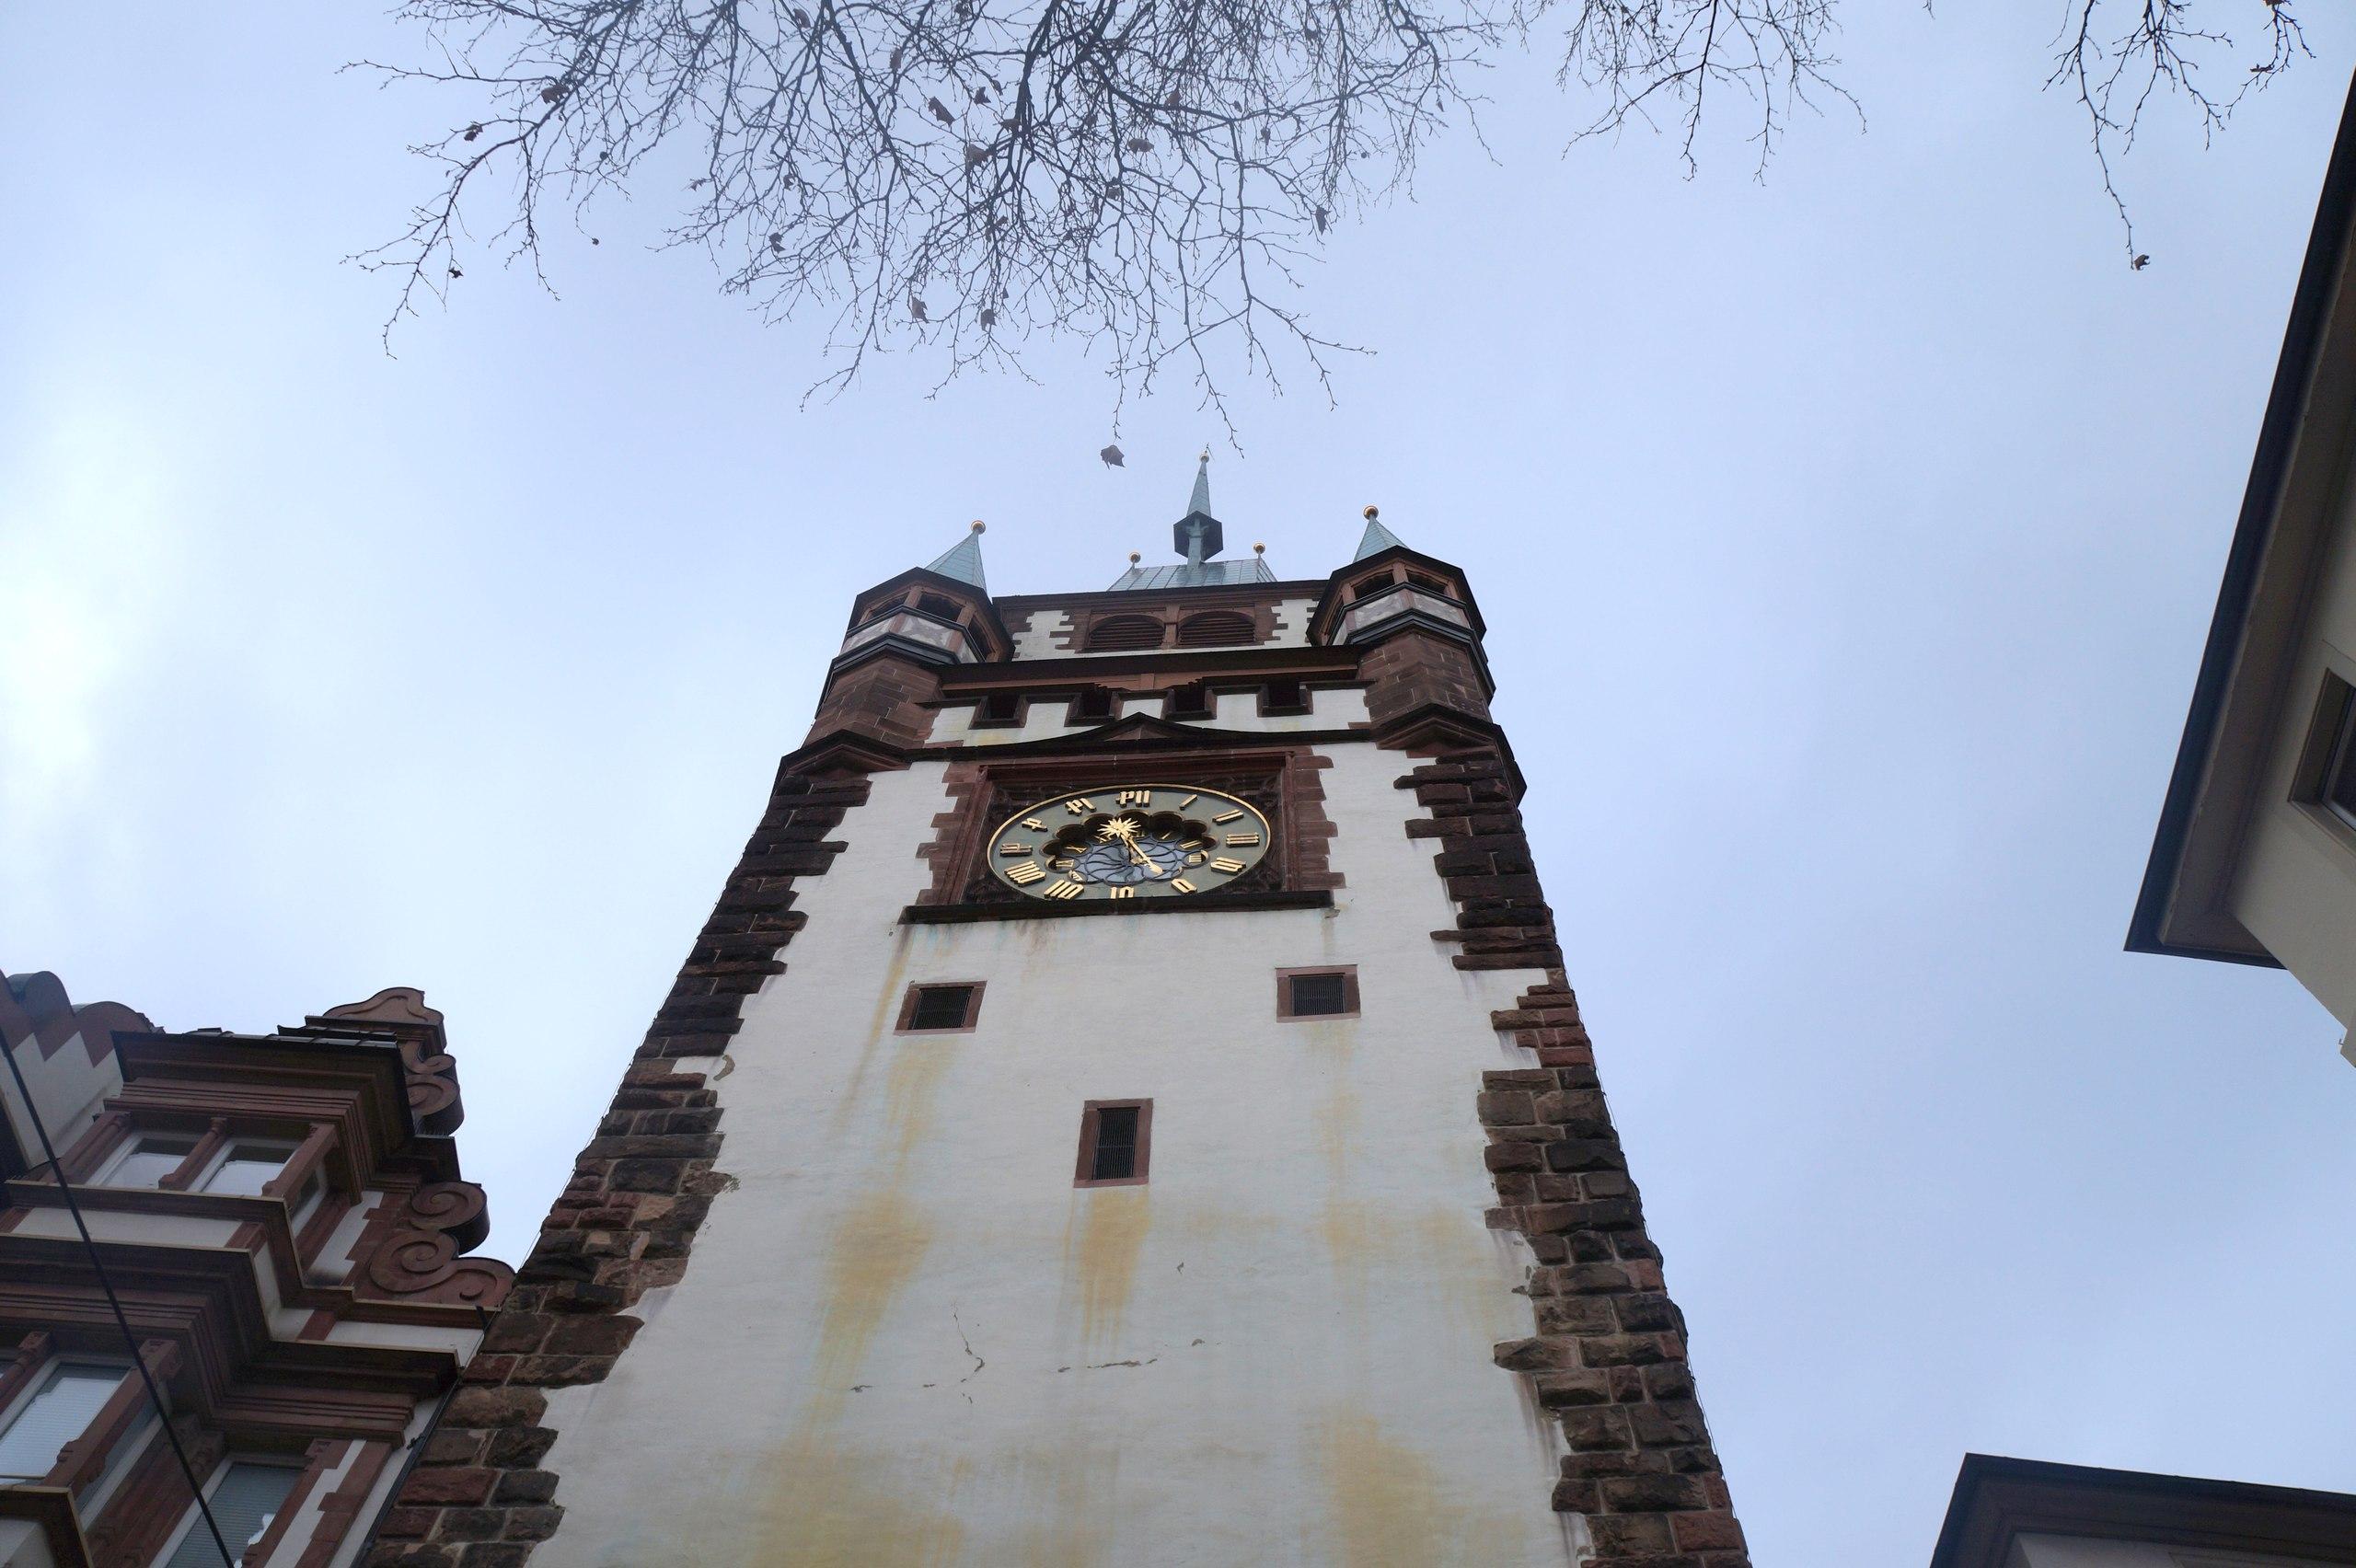 Фрайбург - город на краю Черного леса города, можно, Фрайбург, город, очень, через, примыкает, Швабскими, сейчас, отсюда, ворота, городу, достаточно, Европе, Старого, центре, собор, минут, совсем, границы